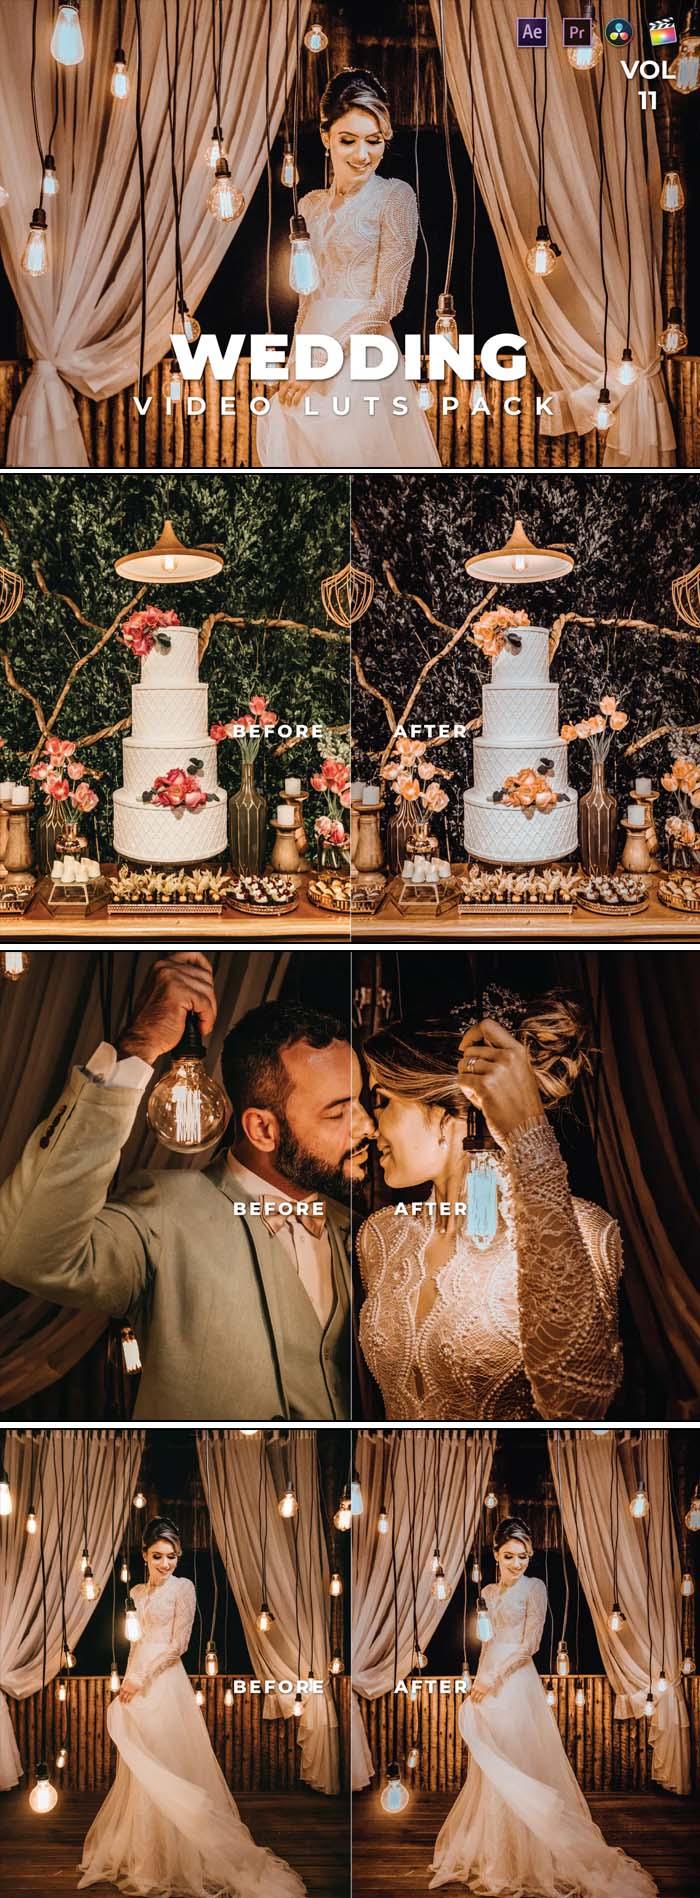 Wedding Pack Video LUTs Vol.11